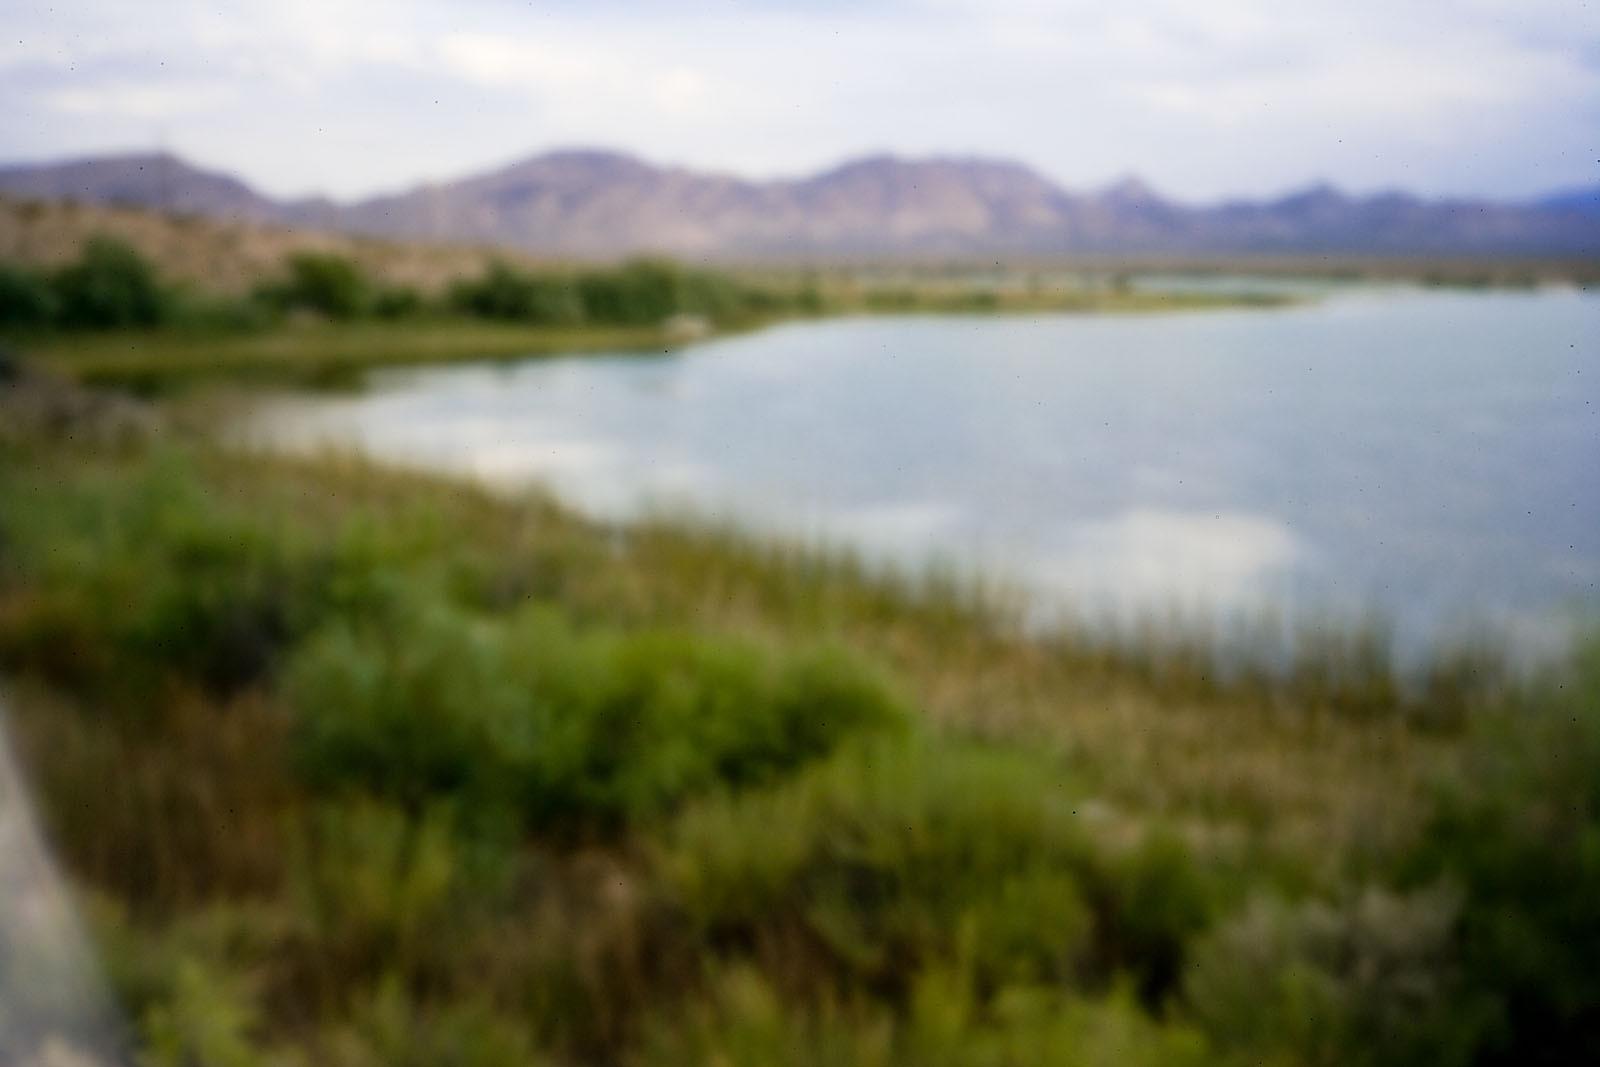 Q4G8656_Pahranagat_Lake_